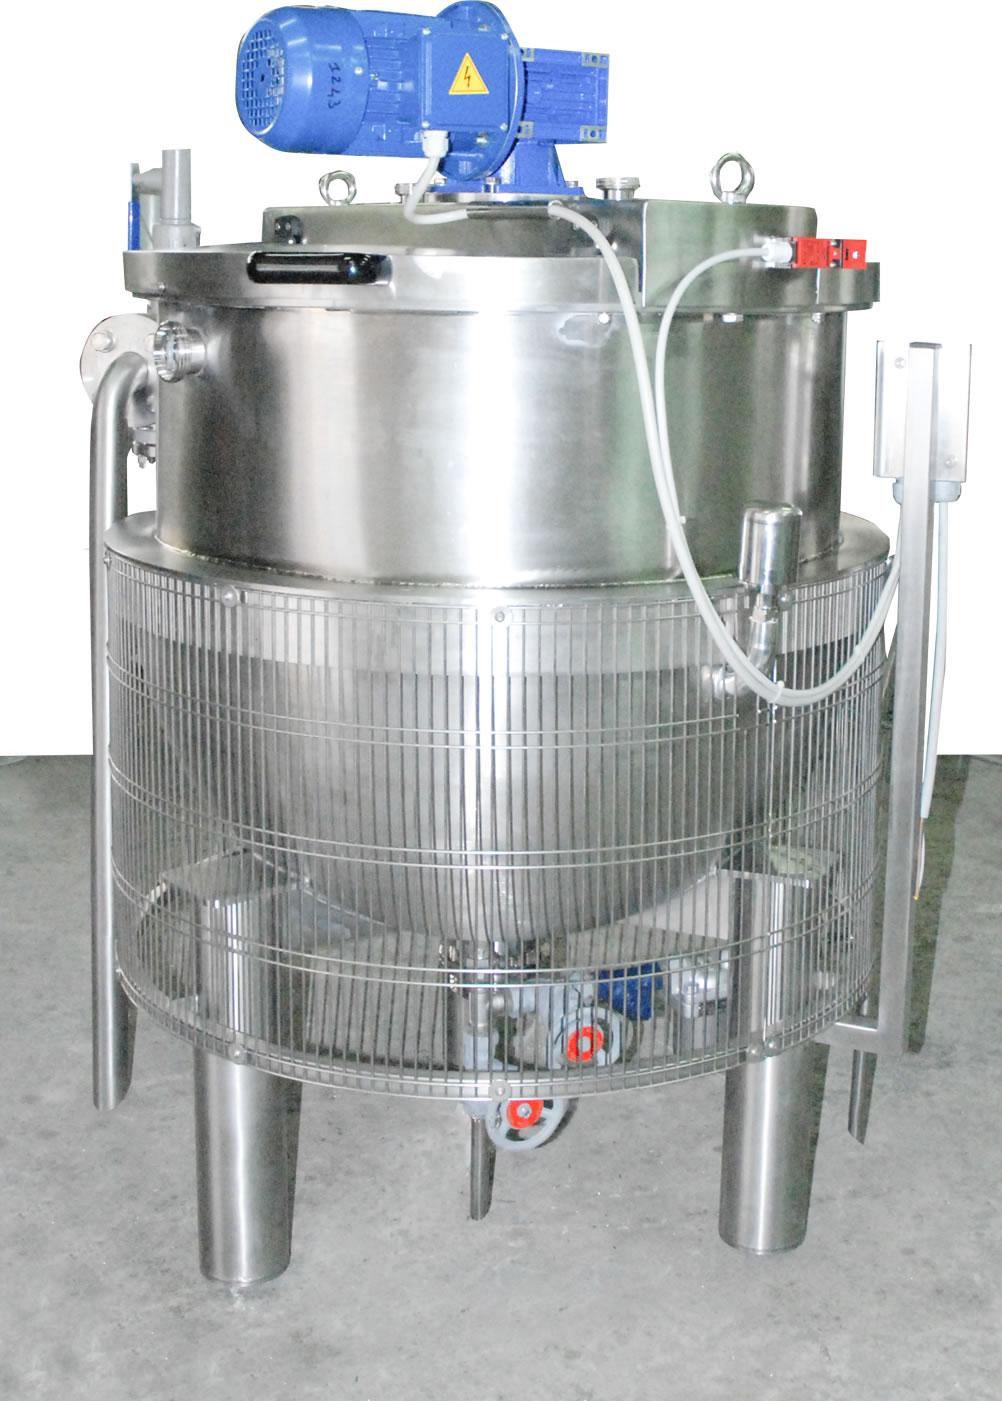 Bacinella da 500 litri a vapore